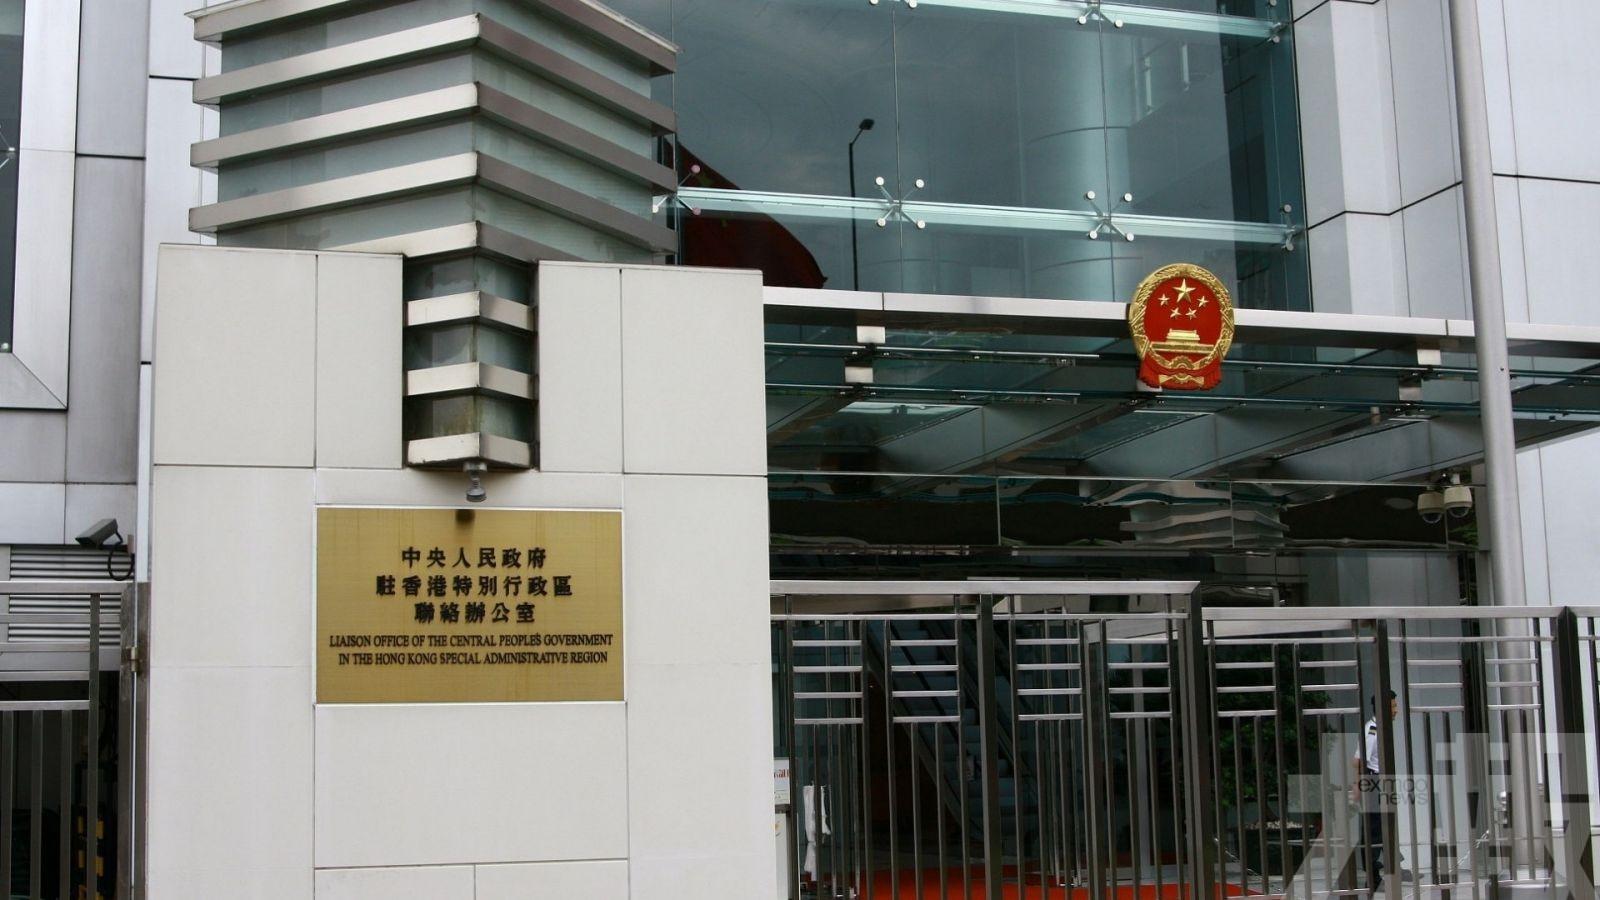 香港中聯辦:國安法權威不容挑戰